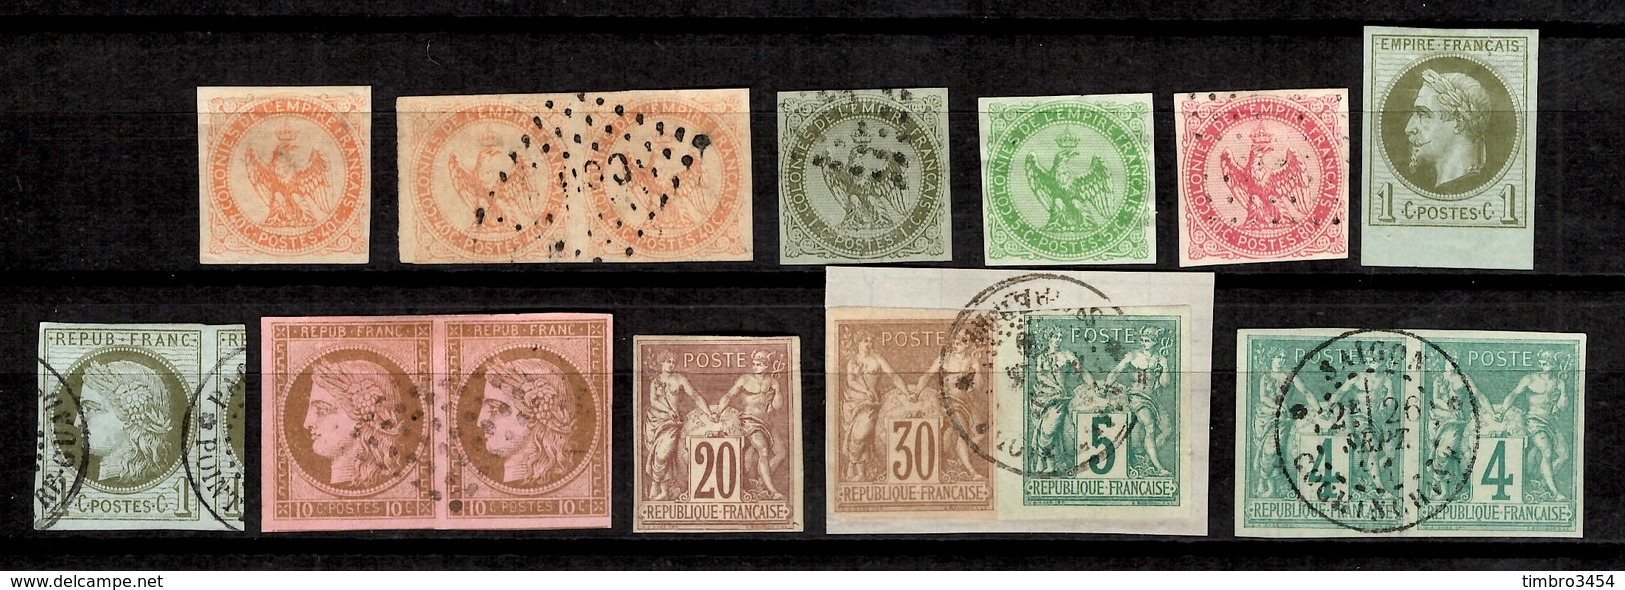 Colonies Générales Belle Petite Collection 1859/1875. Bonnes Valeurs. B/TB. A Saisir! - Napoleon III